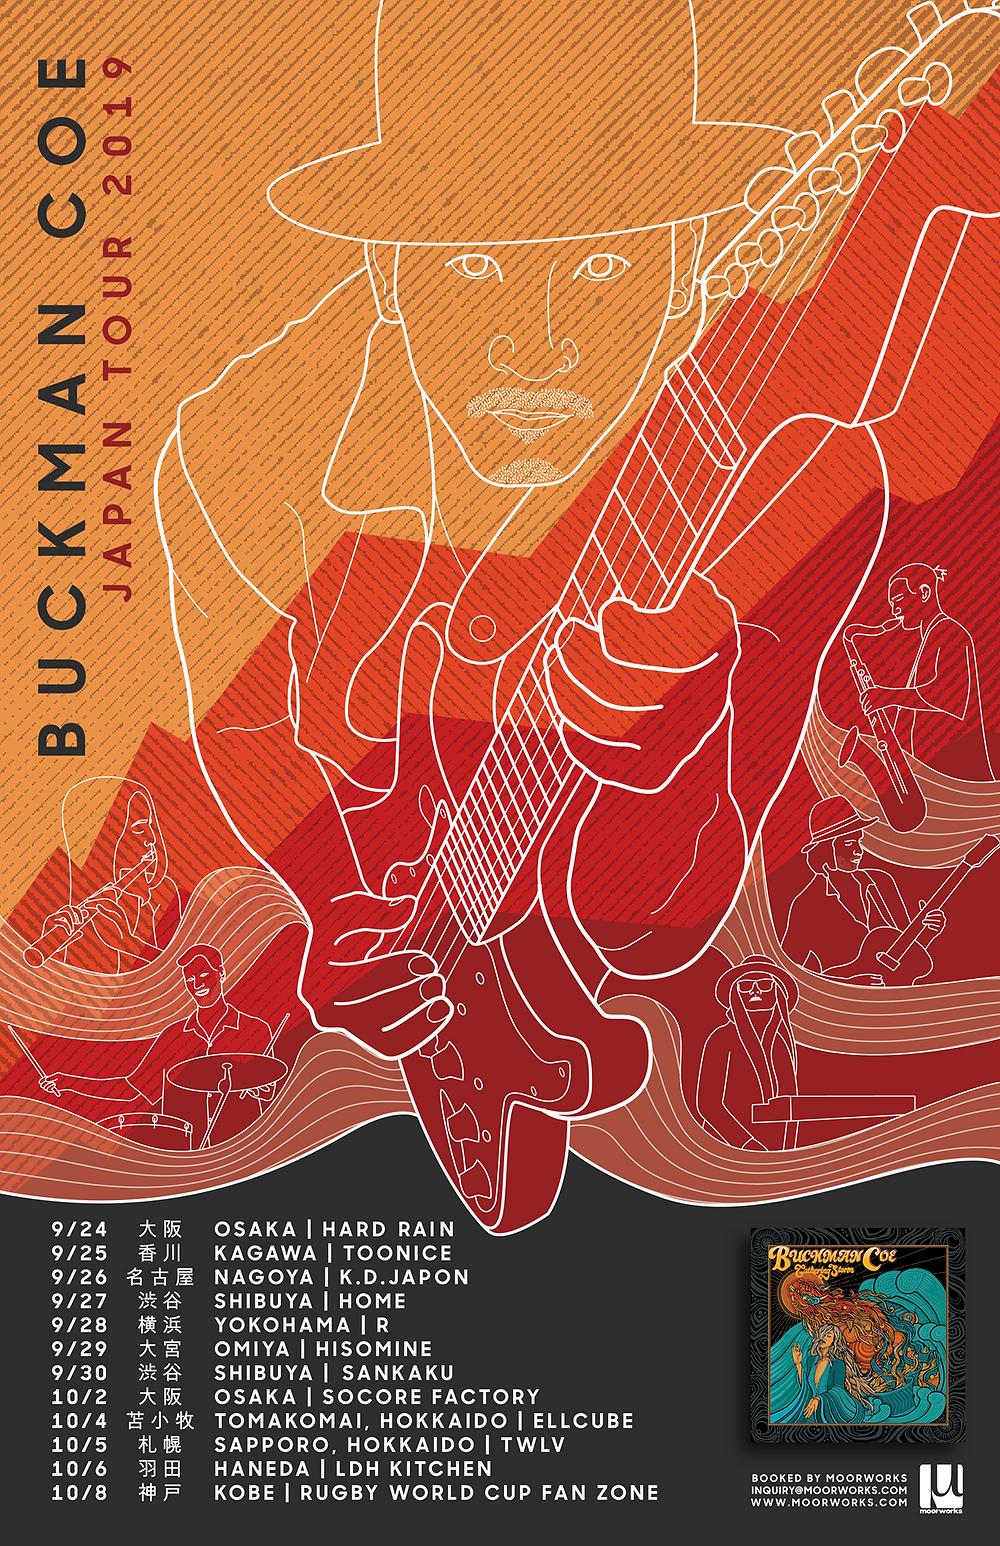 Buckman Coe Japan Tour 2019